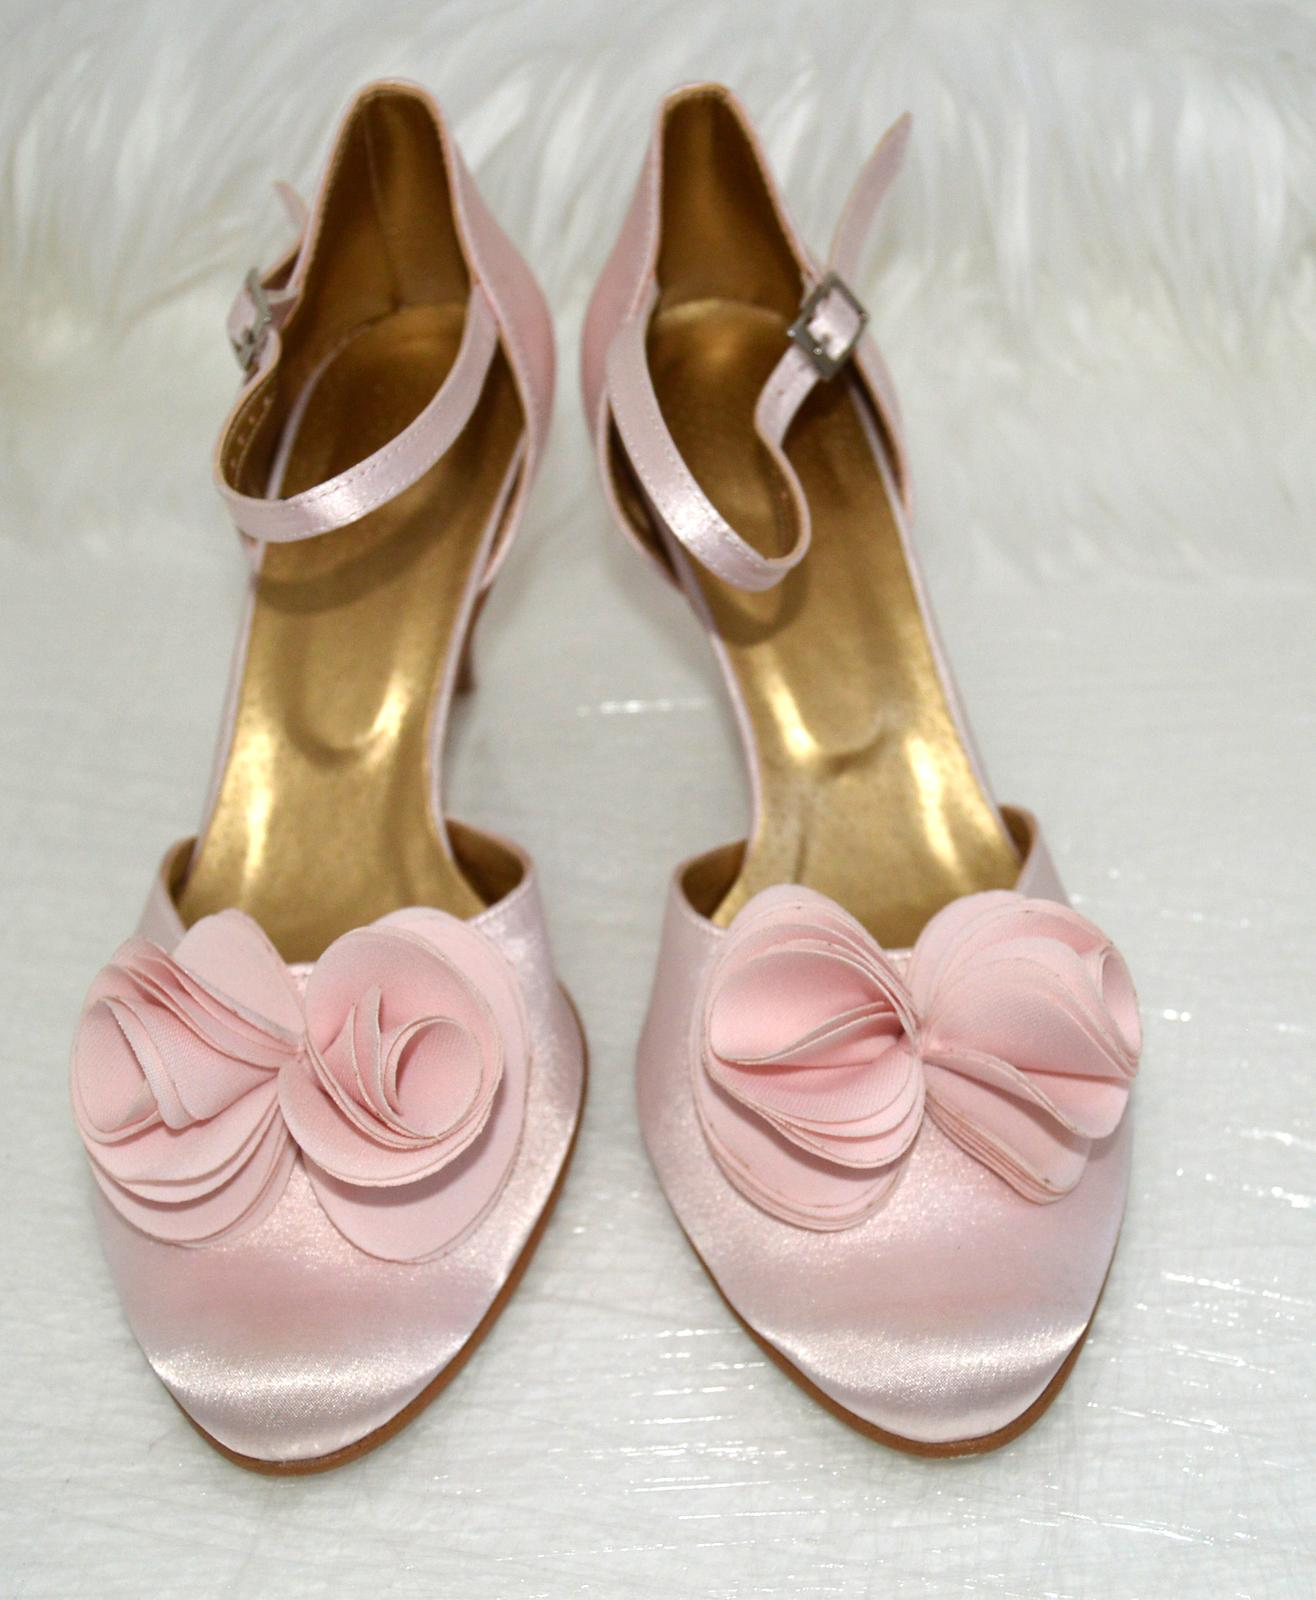 """Svadobné topánky podľa Teba - inšpirácie ružová, cyklaménová, lososová, nude-telová - Svetloružové svadobné topánky so zdobením exkluziv kvet malý """"S"""". Úpravy podľa želania klientky. UPOZORŇUJEME, že zdobenie sa robí ručne - šitie, a lupene sú vyrezávané laserom."""